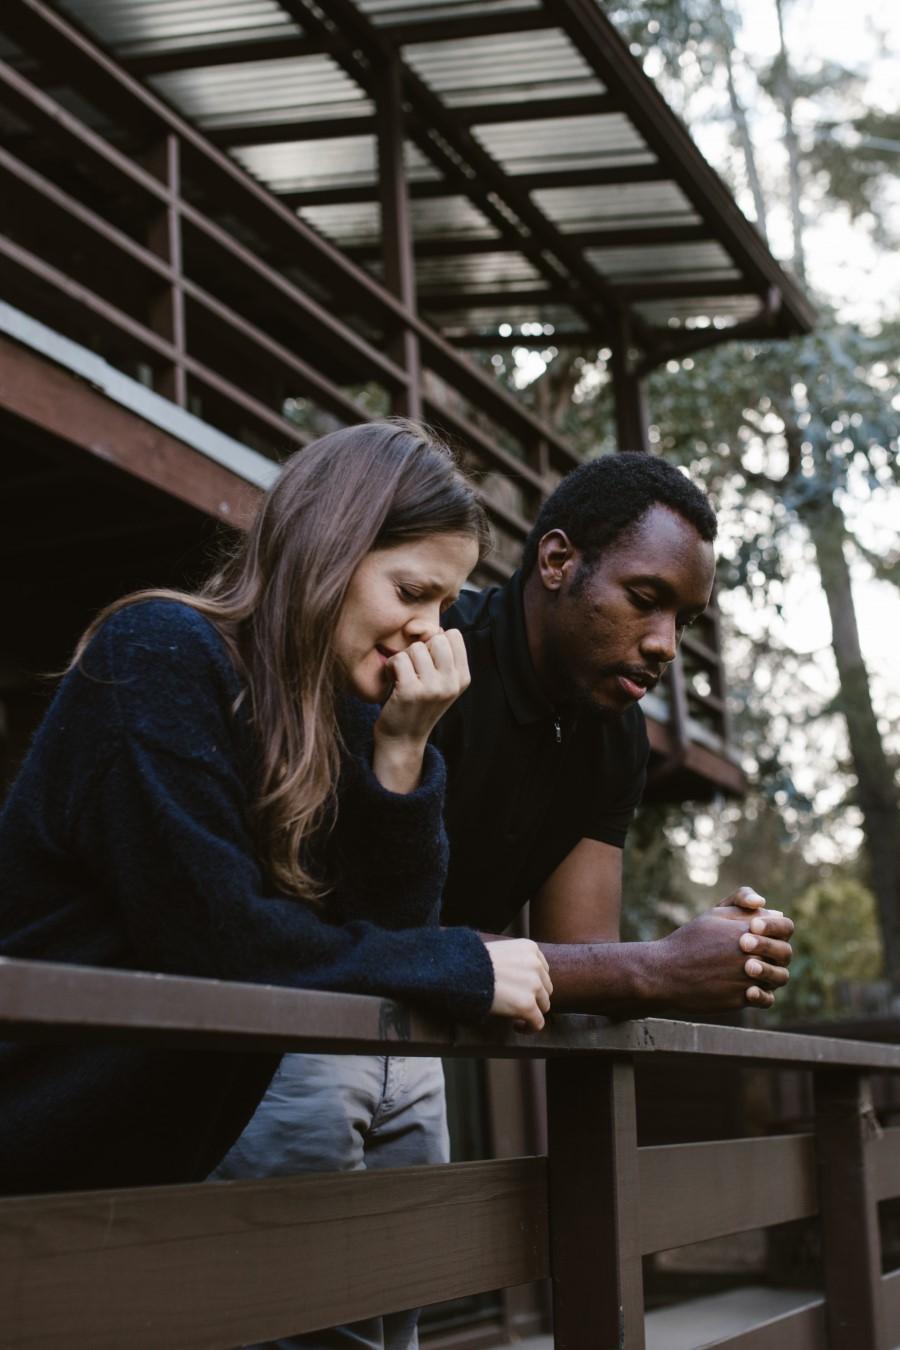 Τα βήματα για να γίνει λίγο πιο εύκολος ο χωρισμός αν ζείτε μαζί